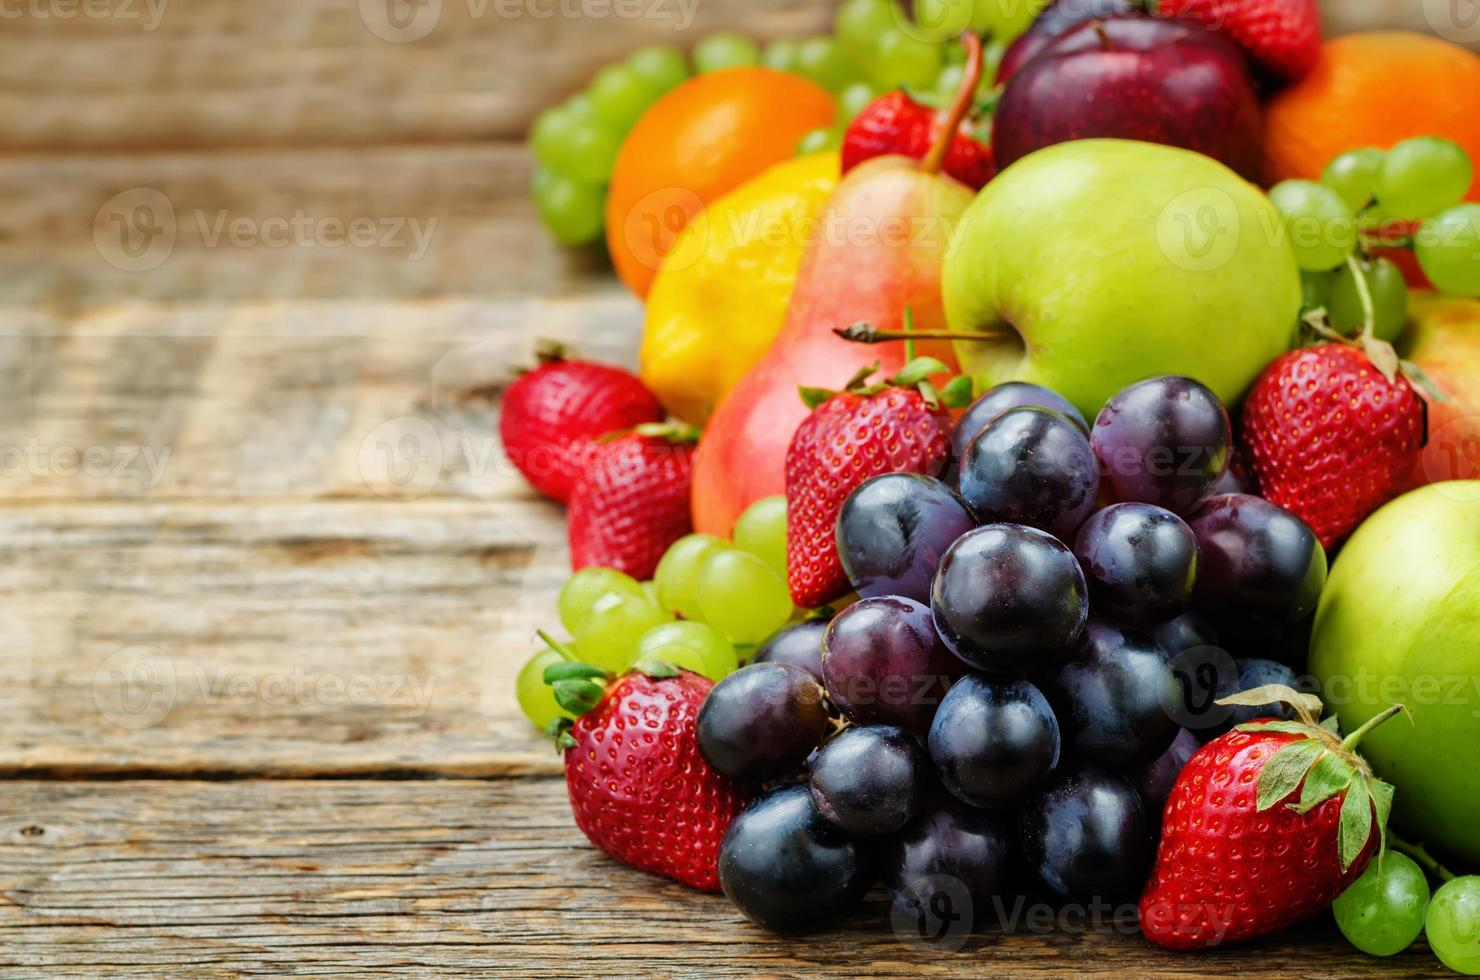 des fruits. mangue, citron, prune, raisin, poire, orange, pomme, banane, fraise photo